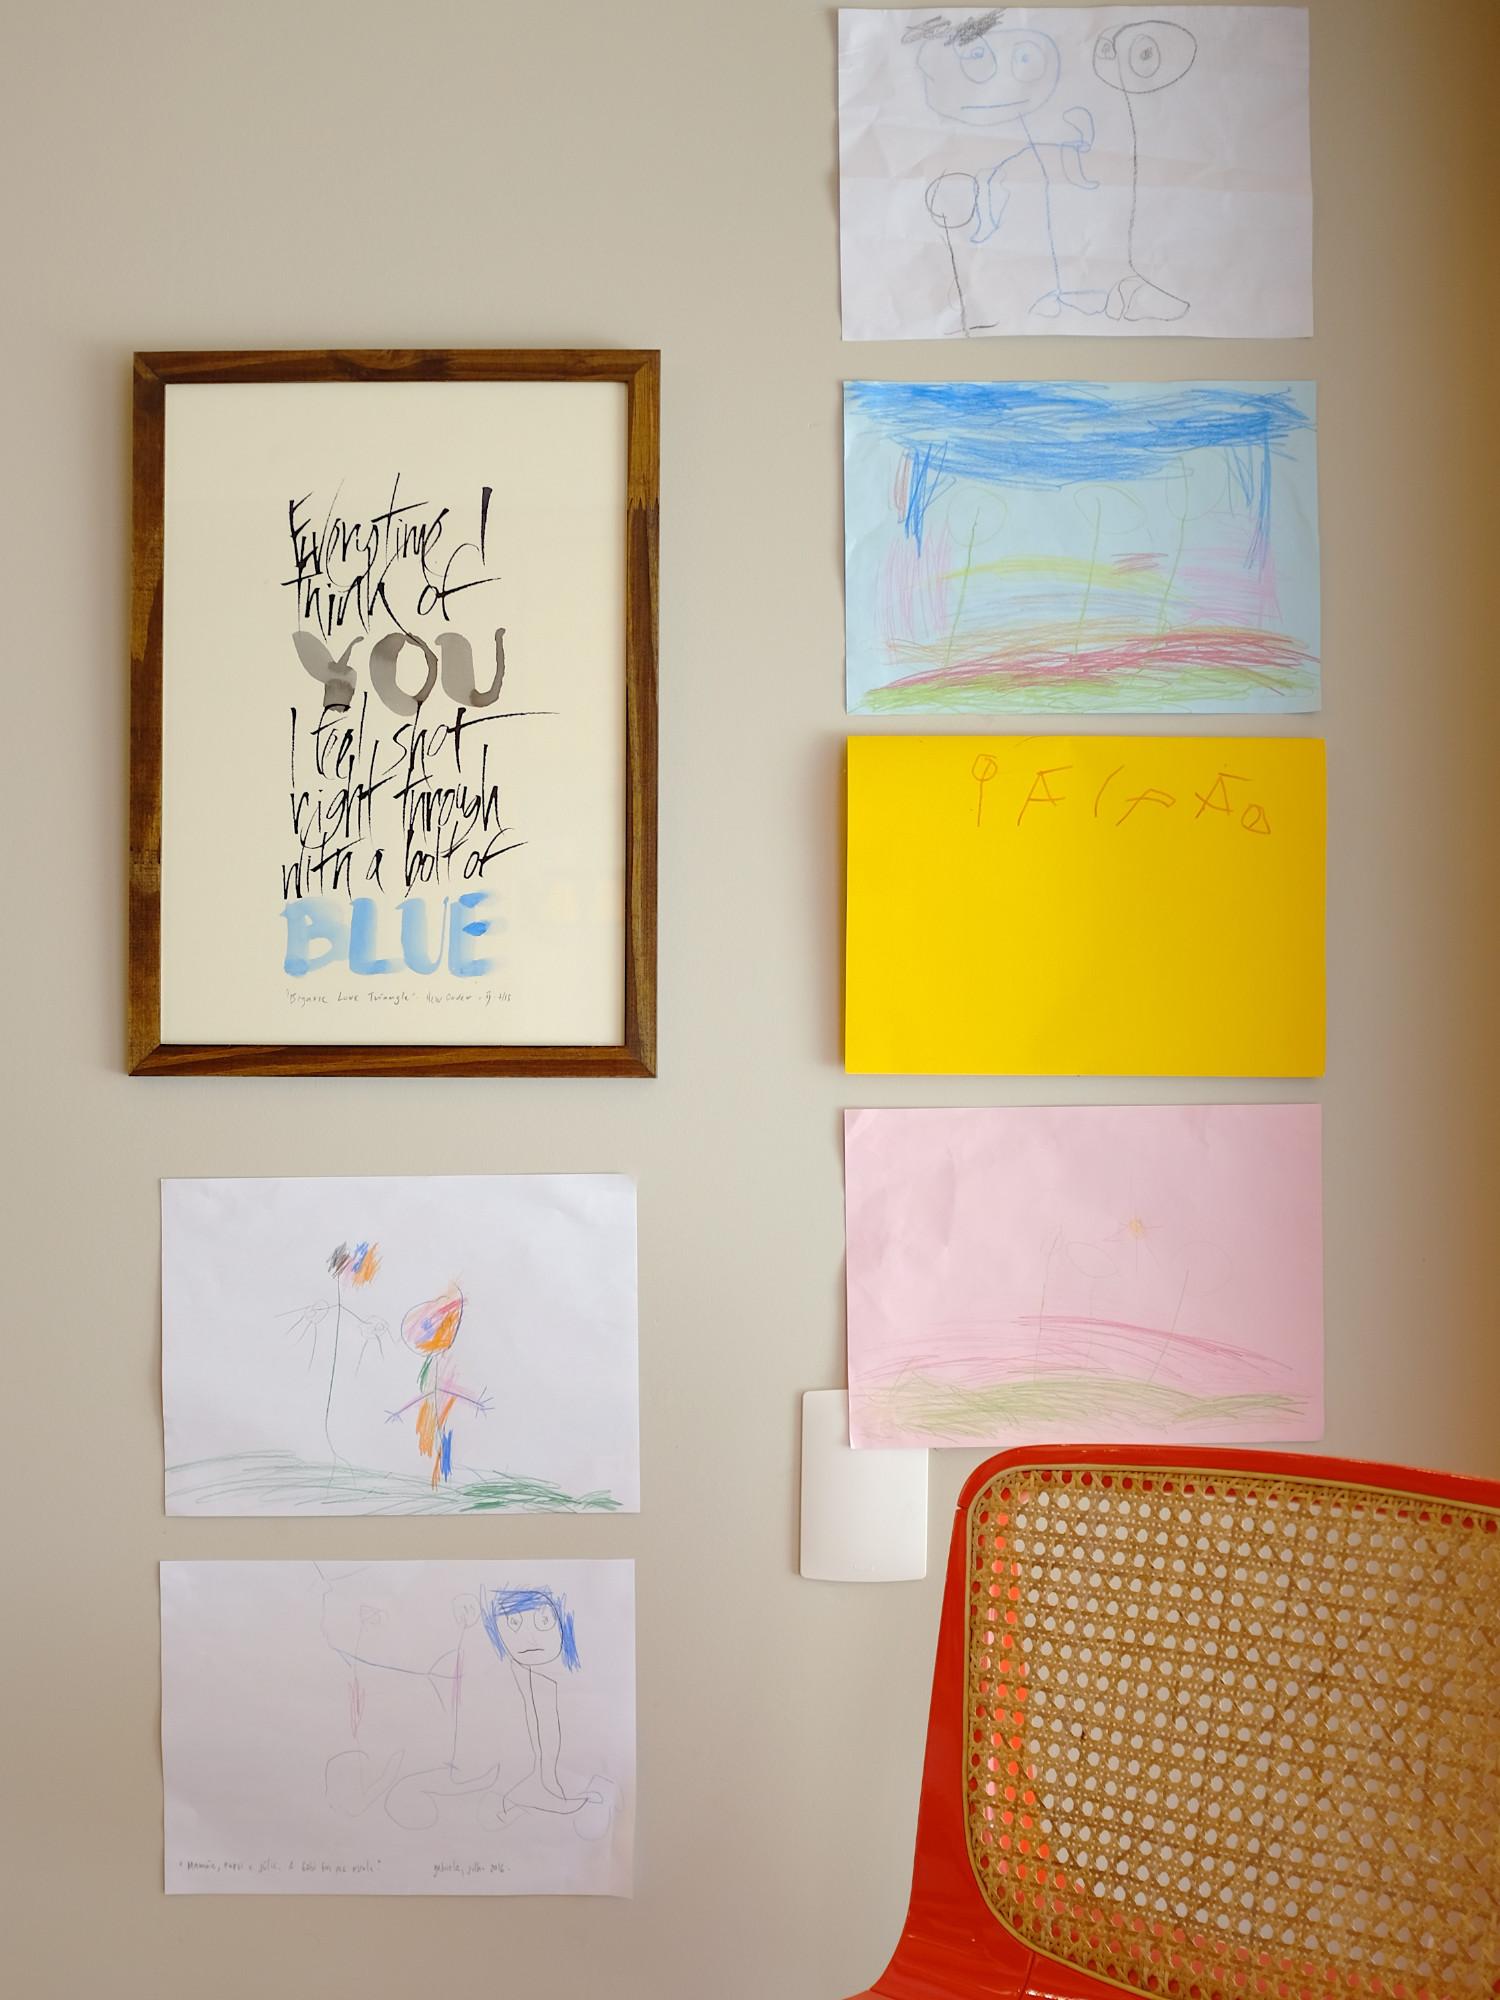 Obra de caligrafia na parede ao lado de desenhos de criança